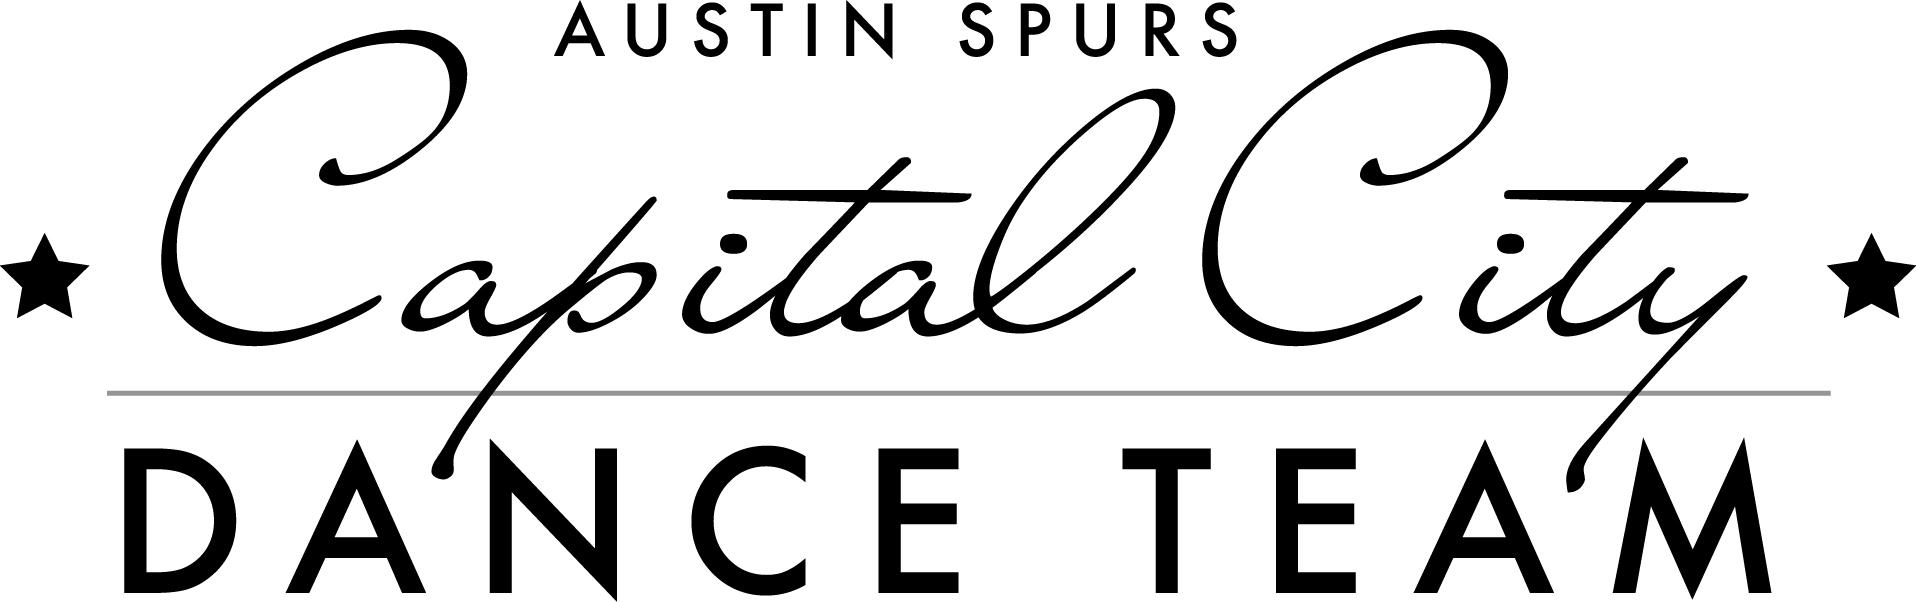 Capcitydance logo